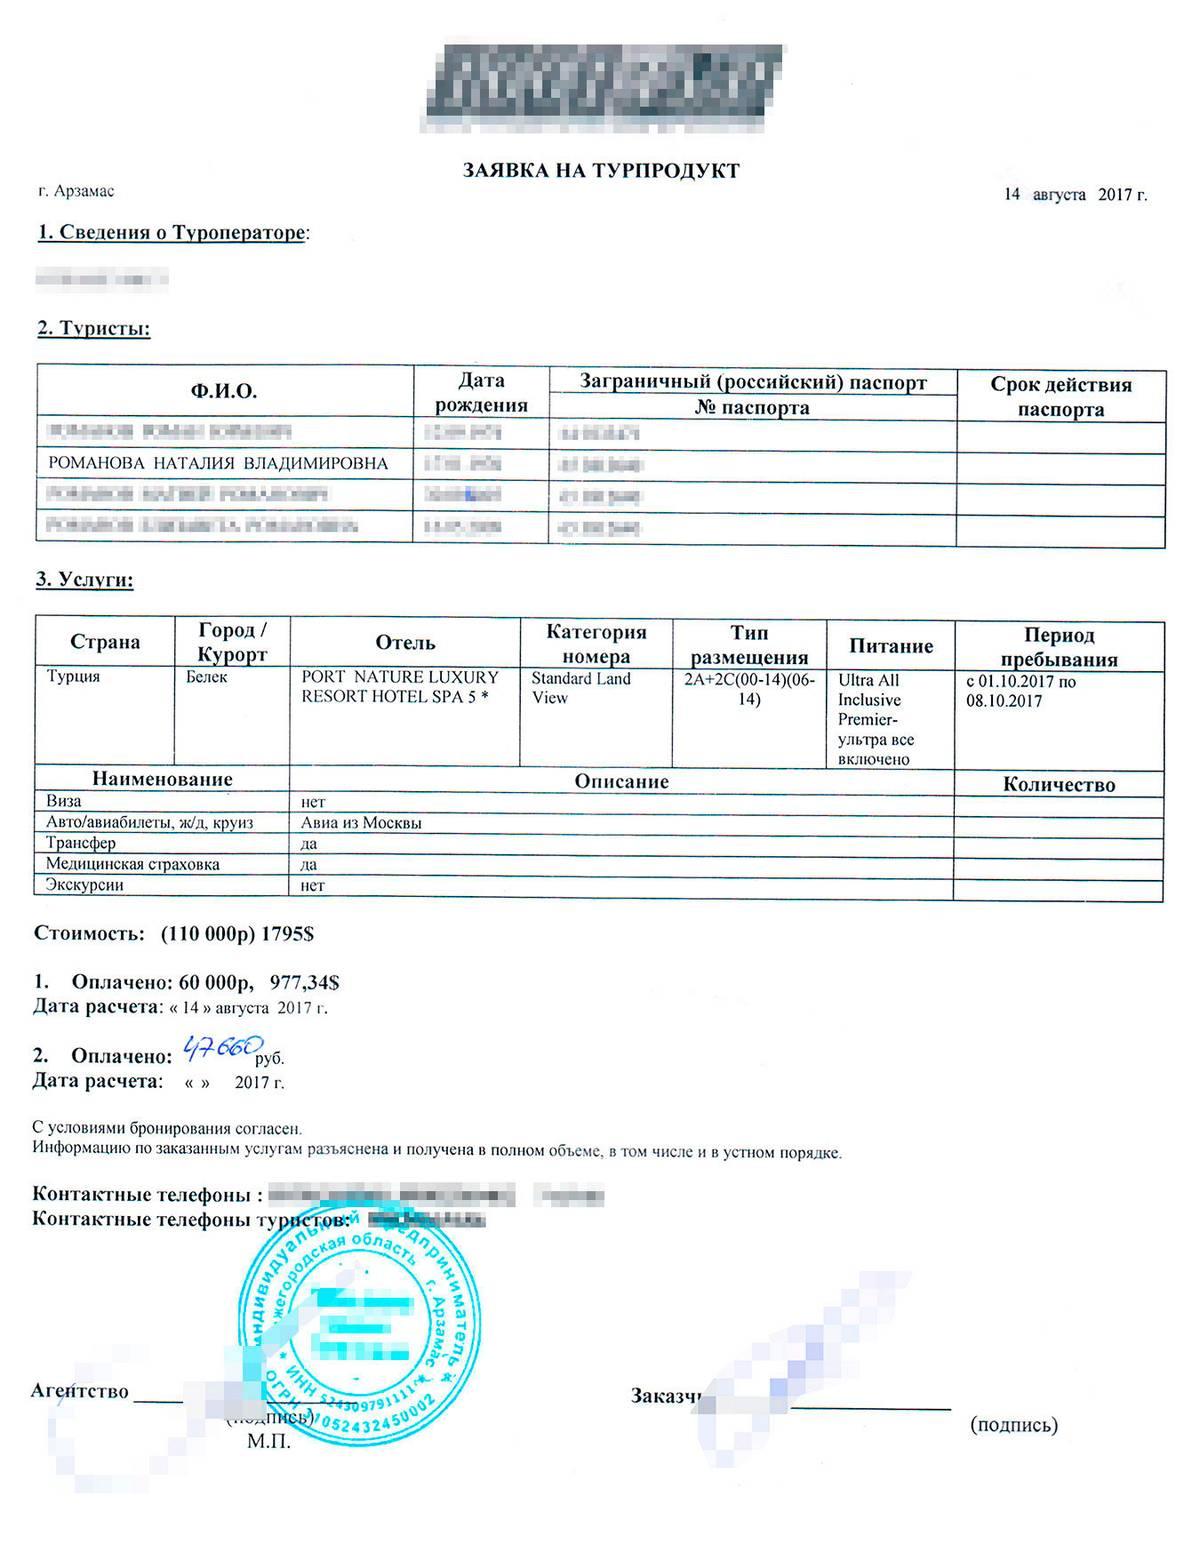 Заявка на турпродукт в турагентстве